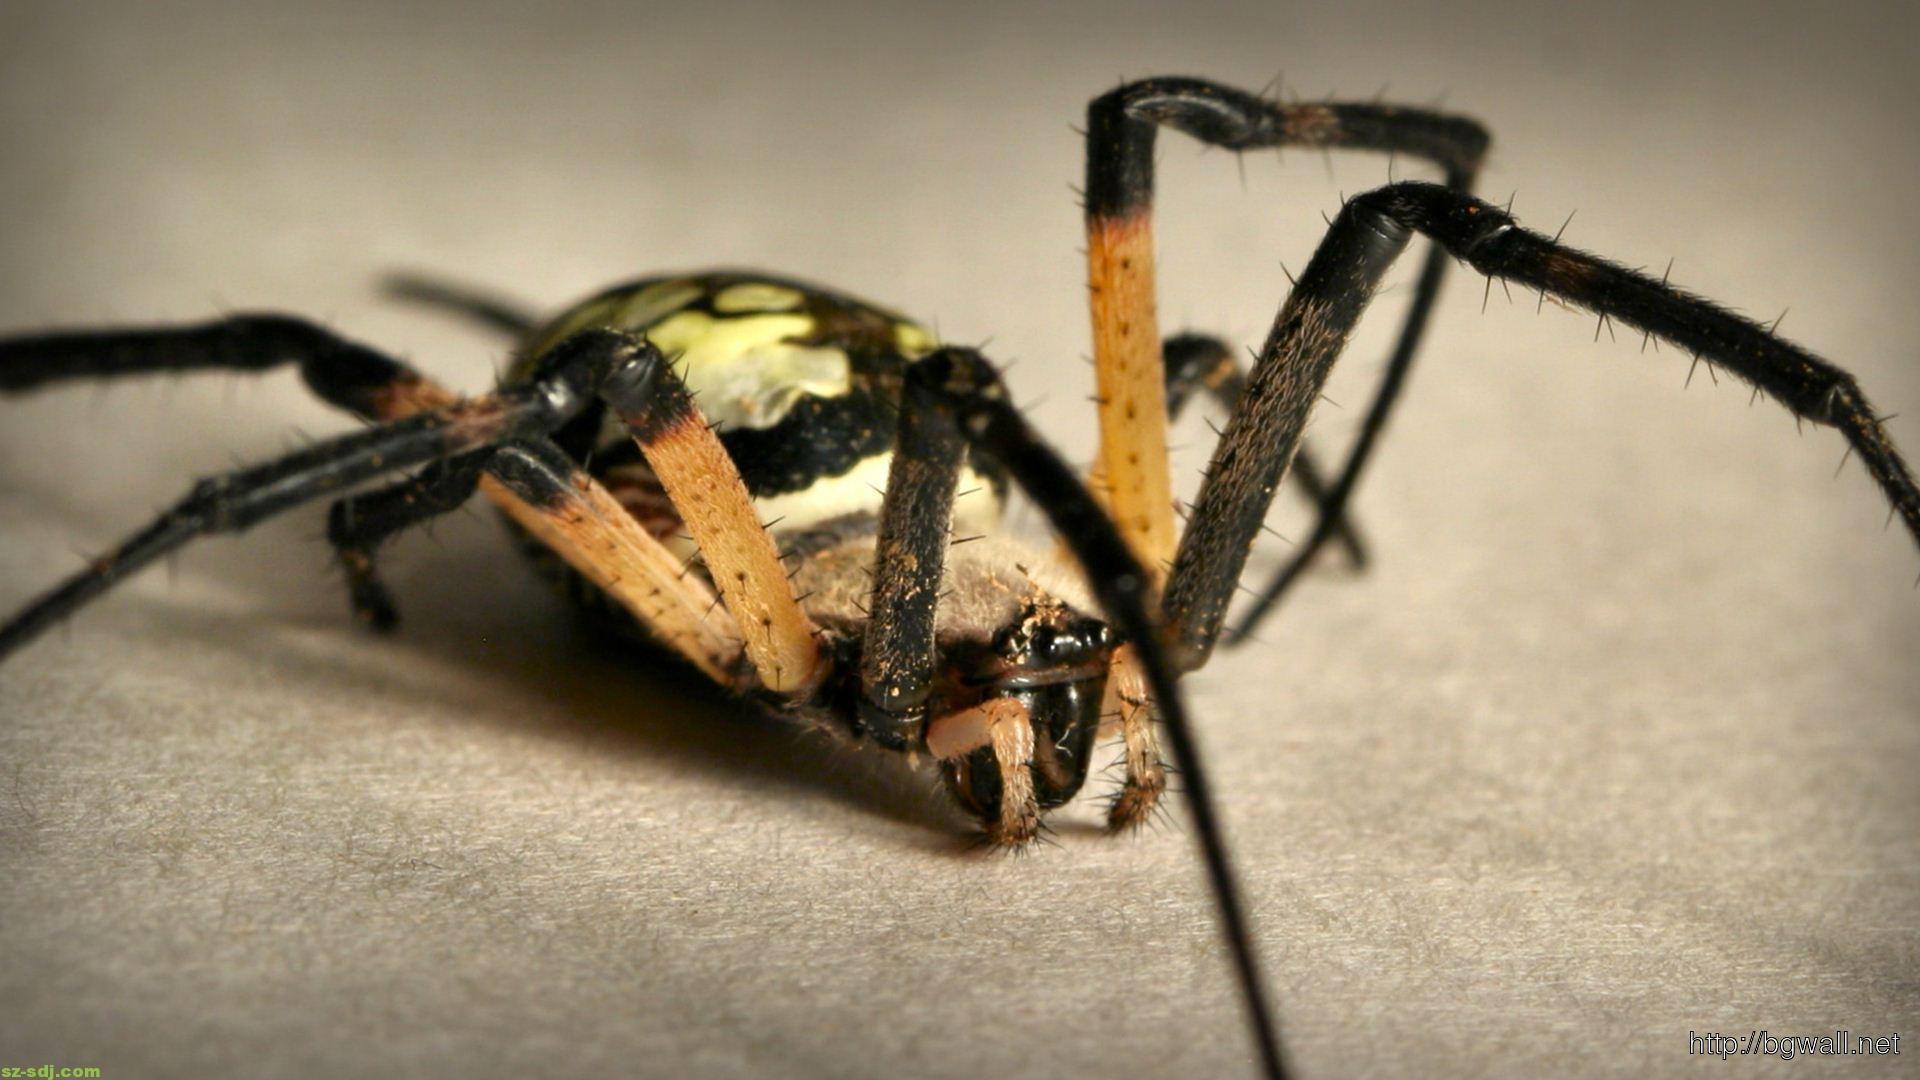 animals-spider-wallpaper-image